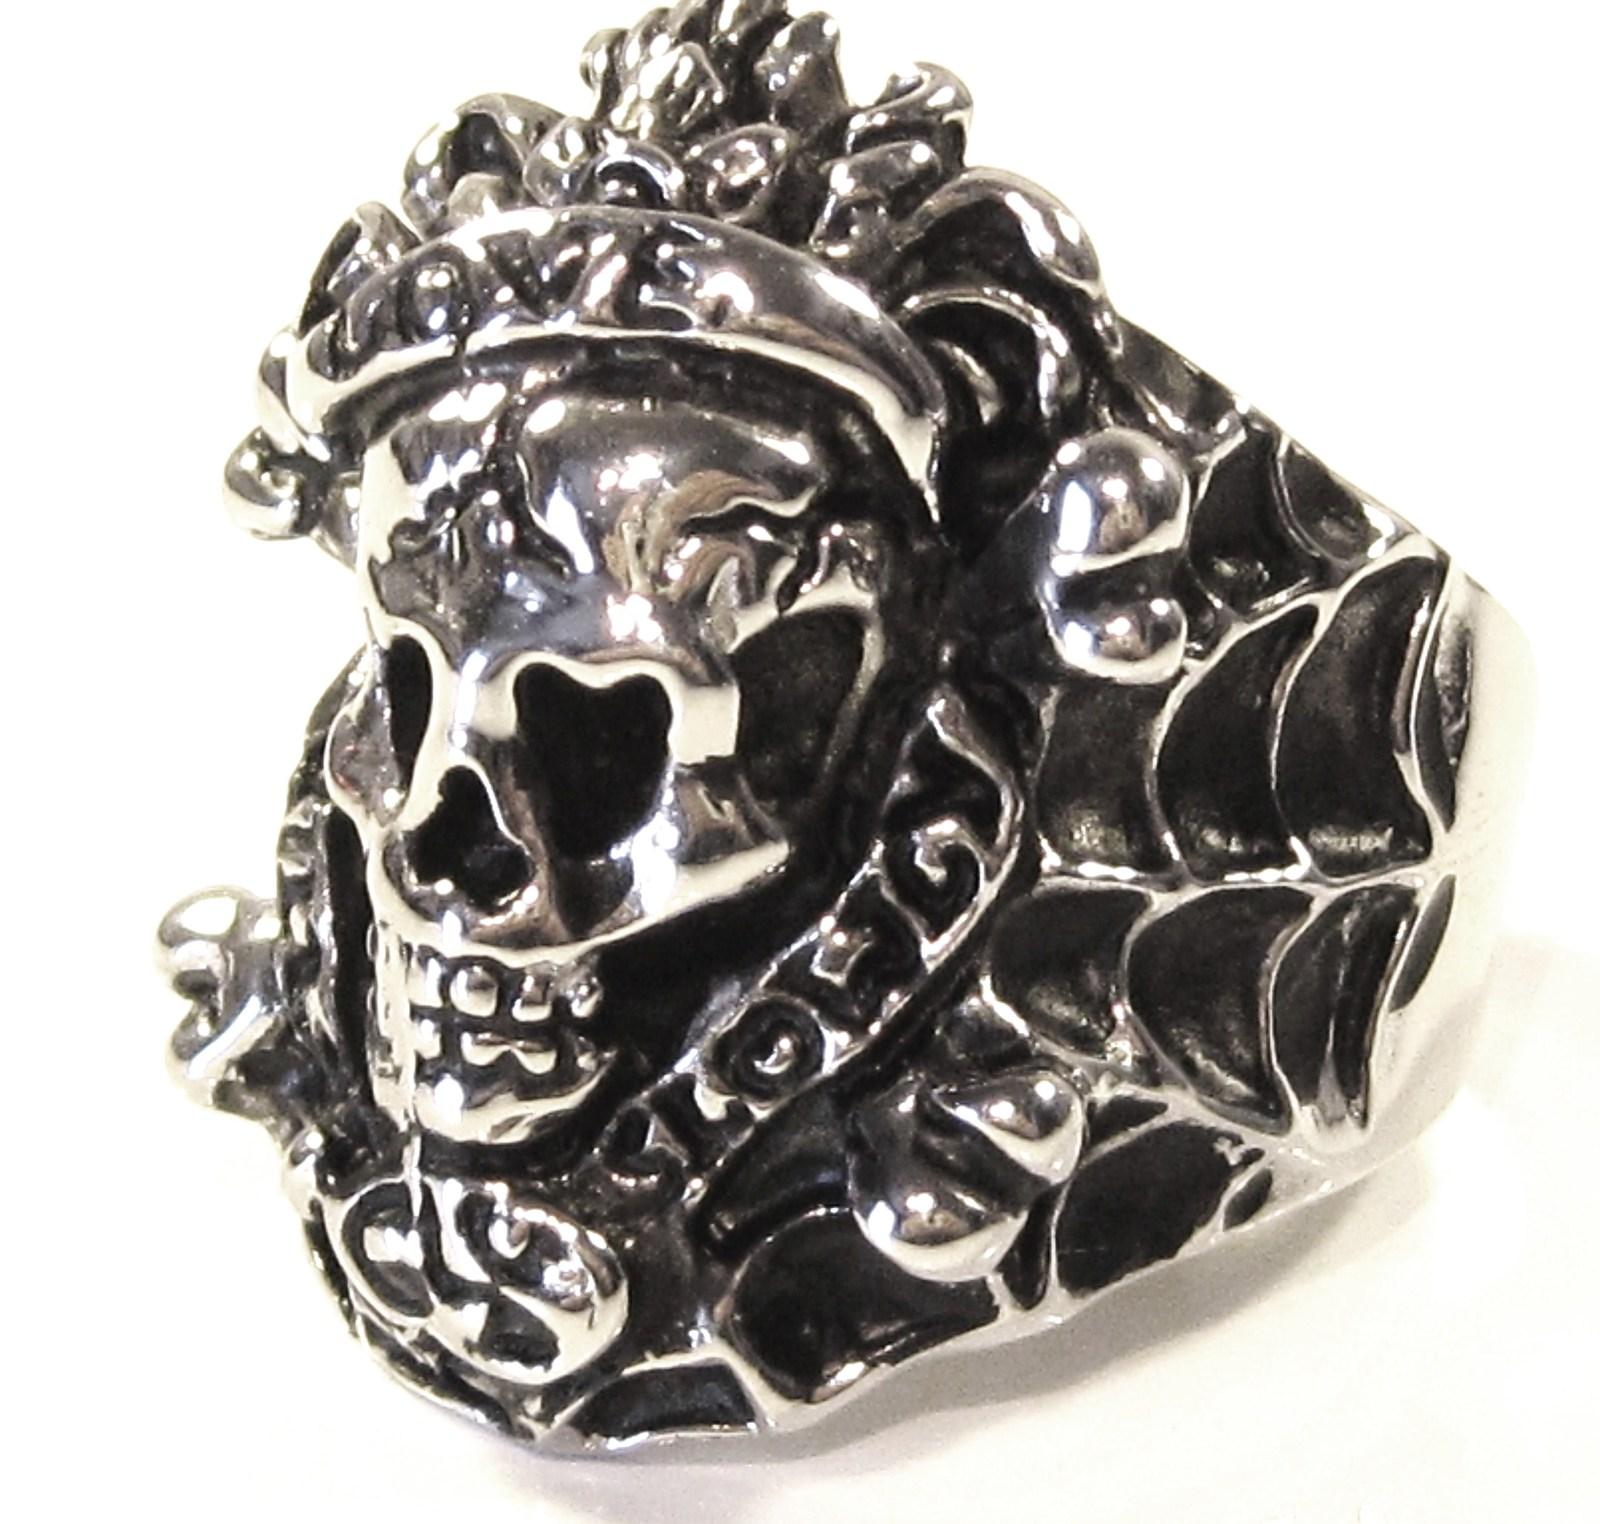 Ssr7000 love kills slowly men stainless steel ring